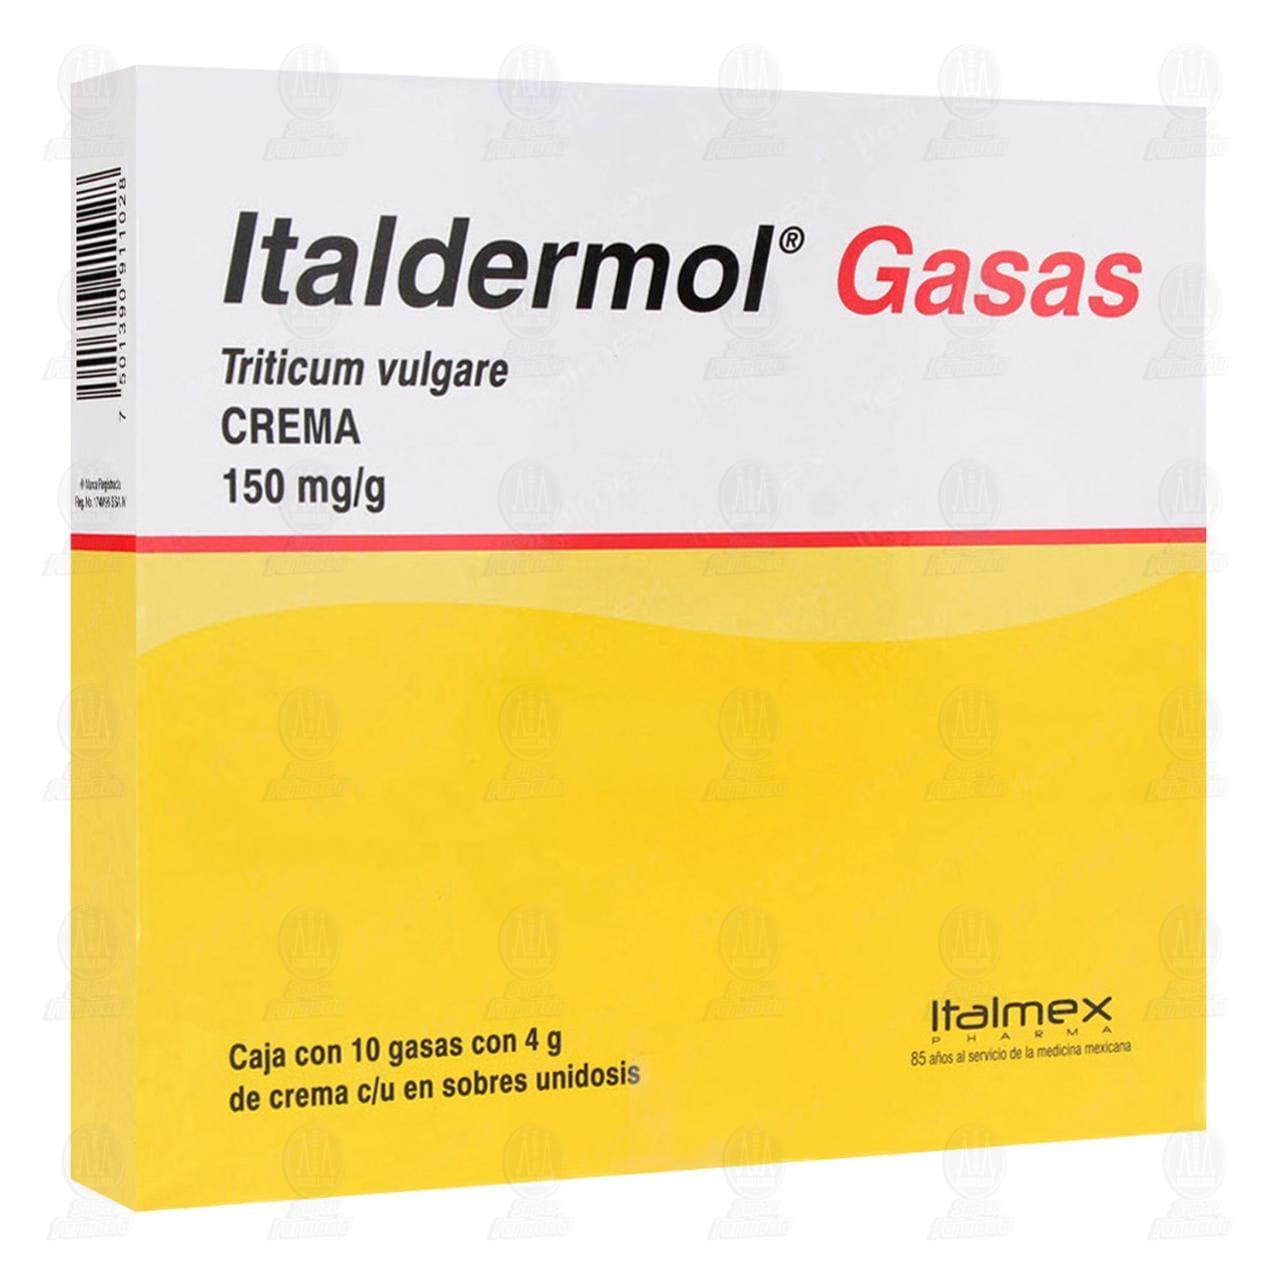 Comprar Italdermol Gasas 150mg/gr 10 Gasas con 4gr de Crema c/u en Farmacias Guadalajara